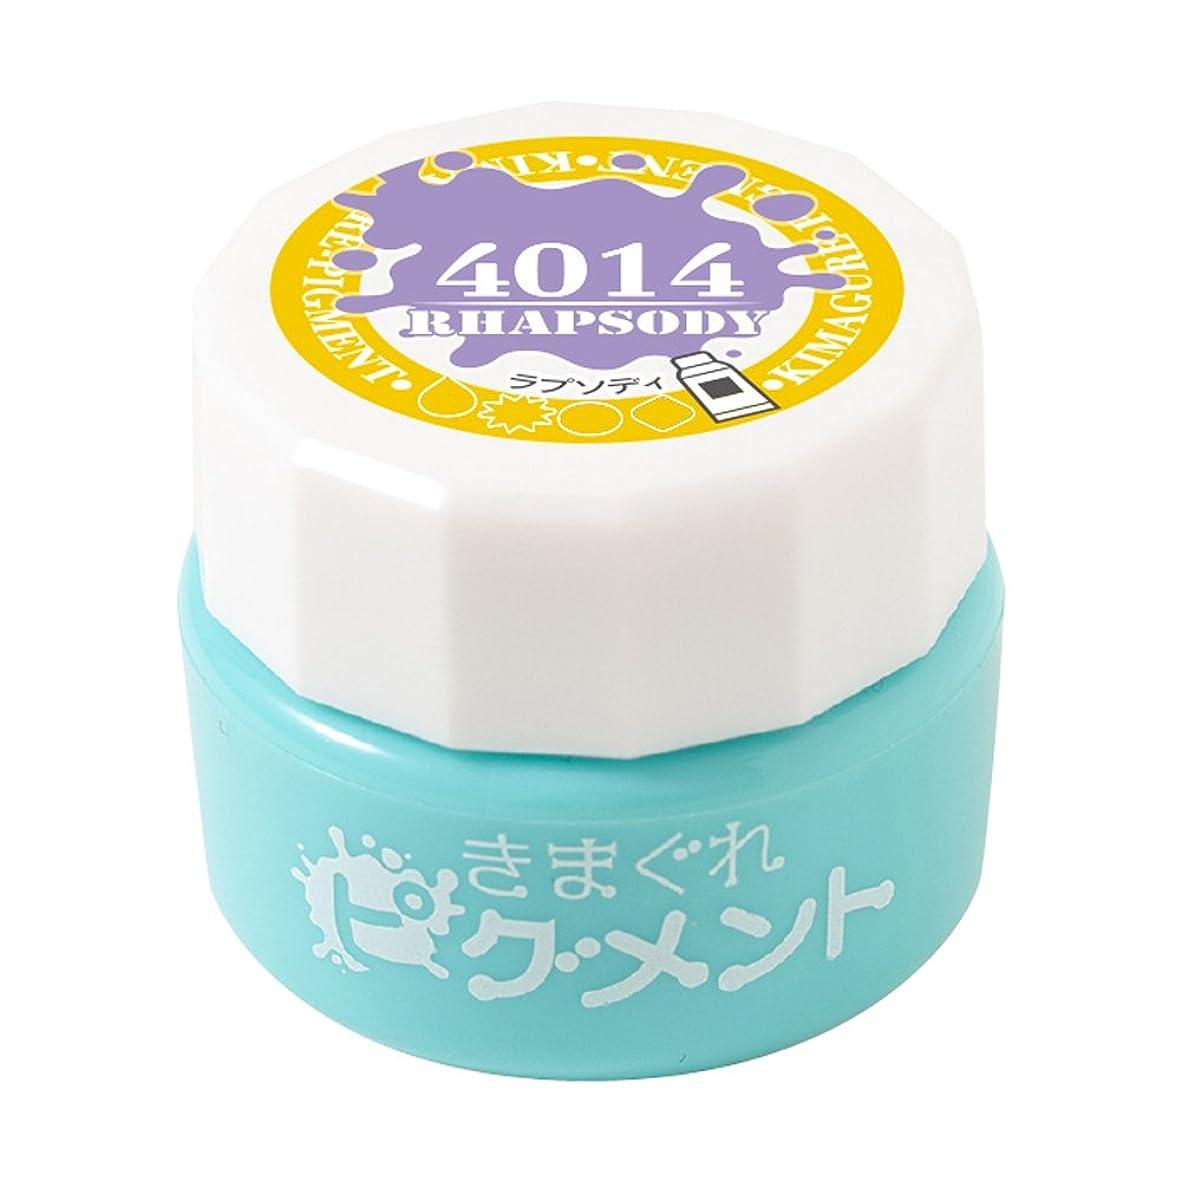 気分化粧制限されたBettygel きまぐれピグメント ラプソディ QYJ-4014 4g UV/LED対応